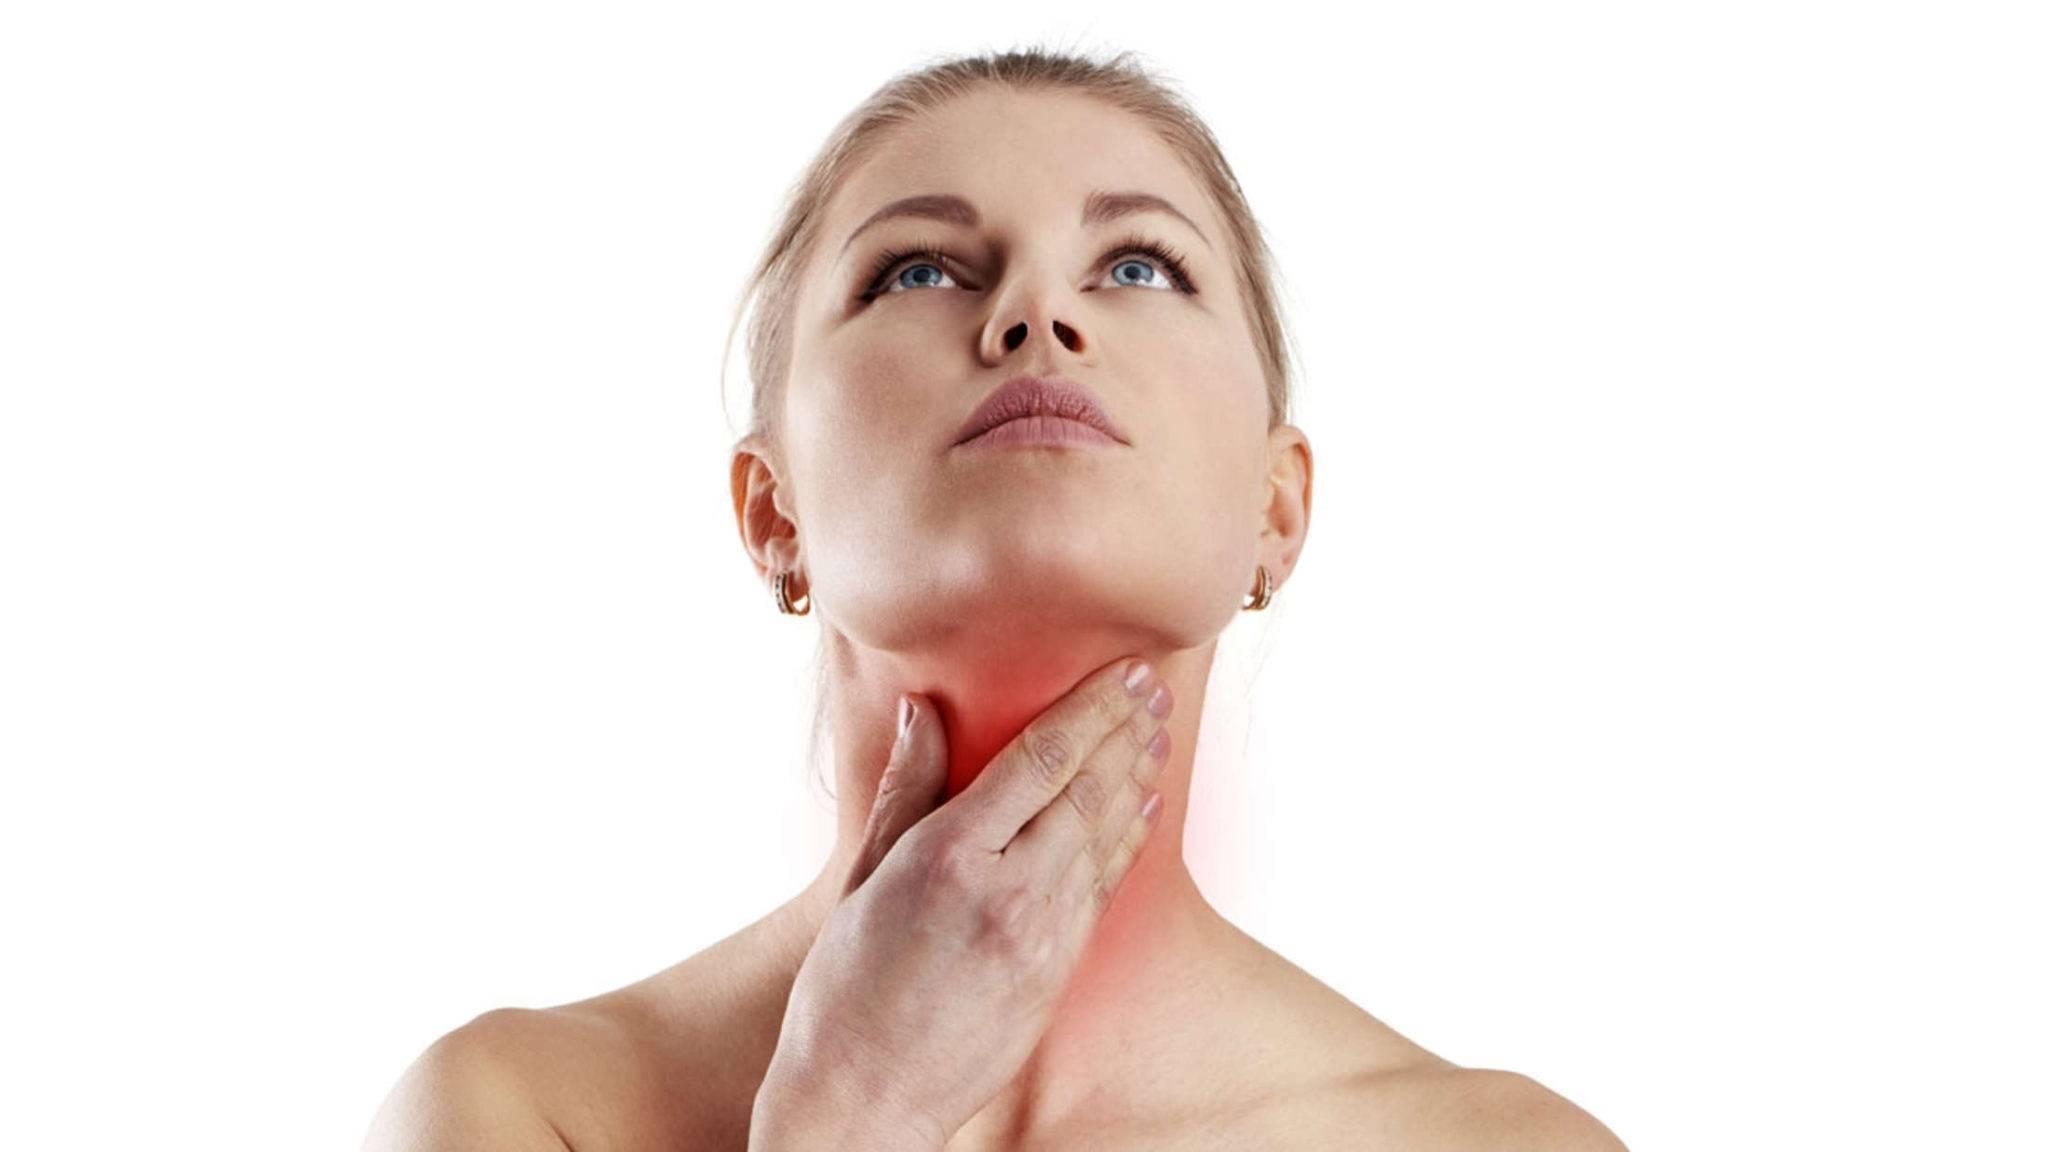 Когда понервничаю болит щитовидка: болит, диагностика, когда, методы терапии, питание, понервничаю, продукты, щитовидка